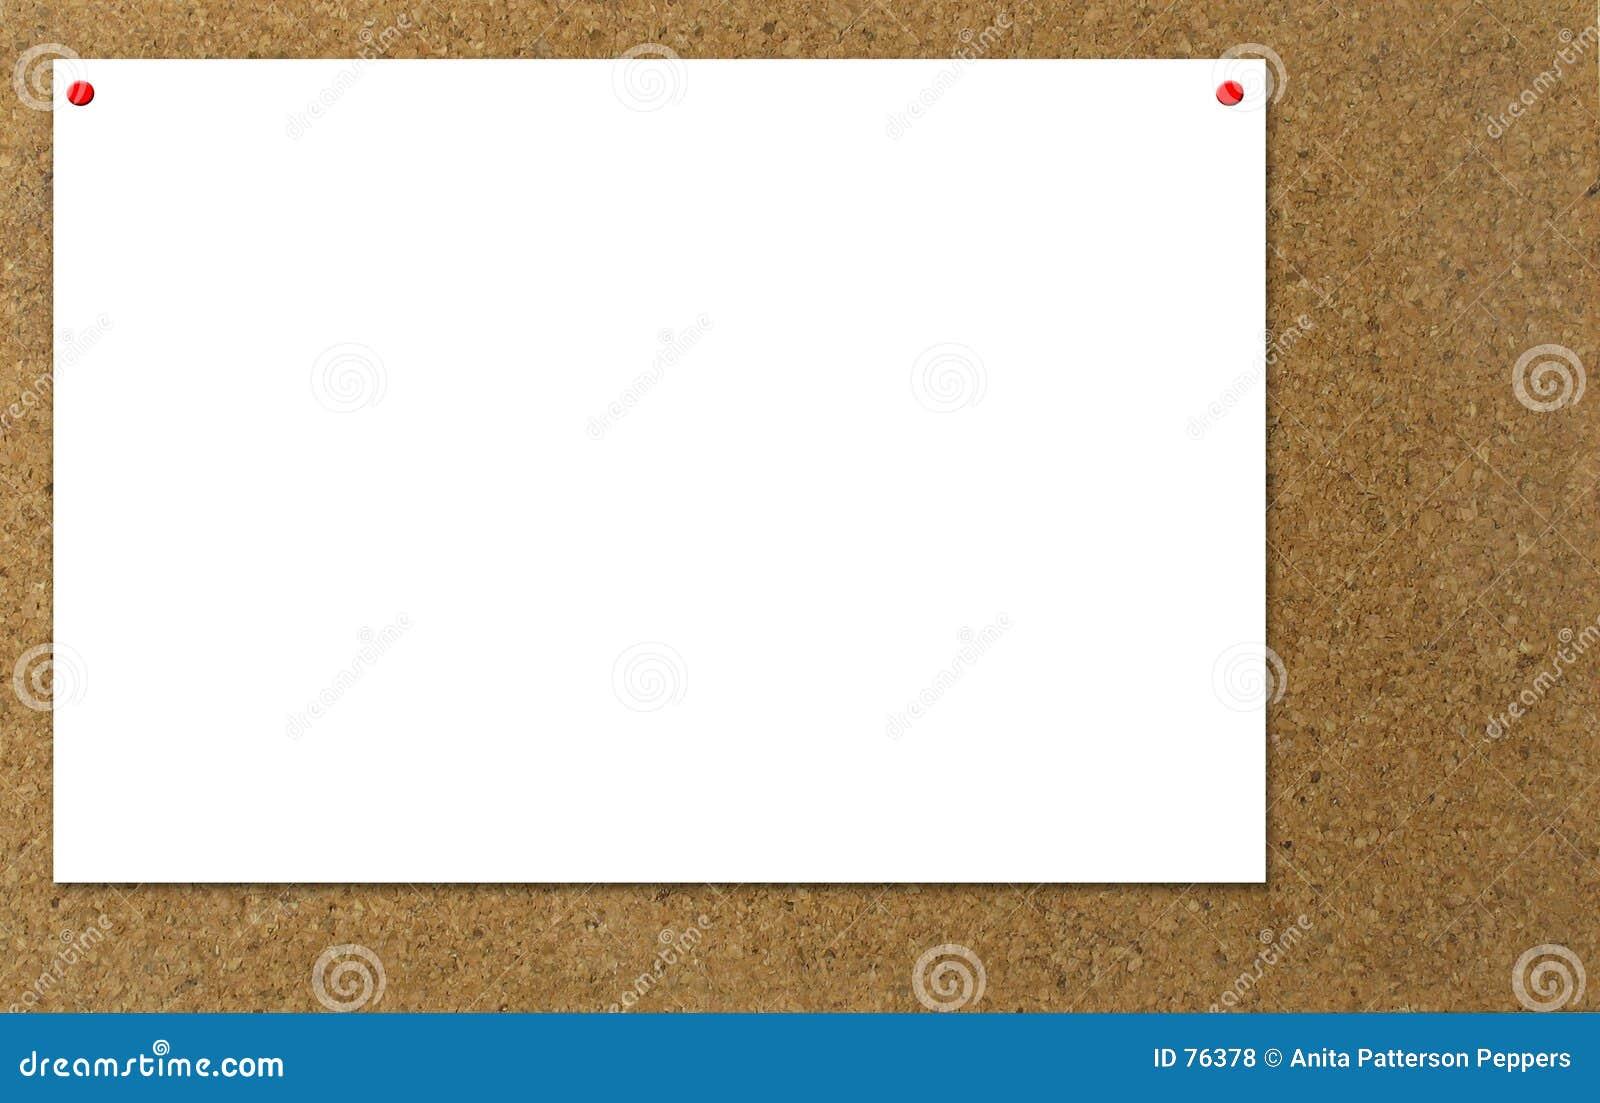 ειδοποίηση δελτίων χαρτ&om